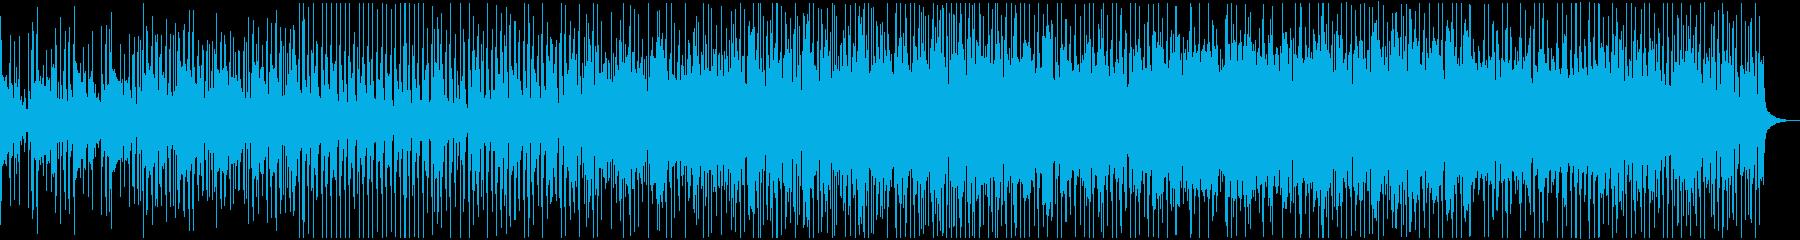 アクション系ドラマ緊張感のあるビートの再生済みの波形